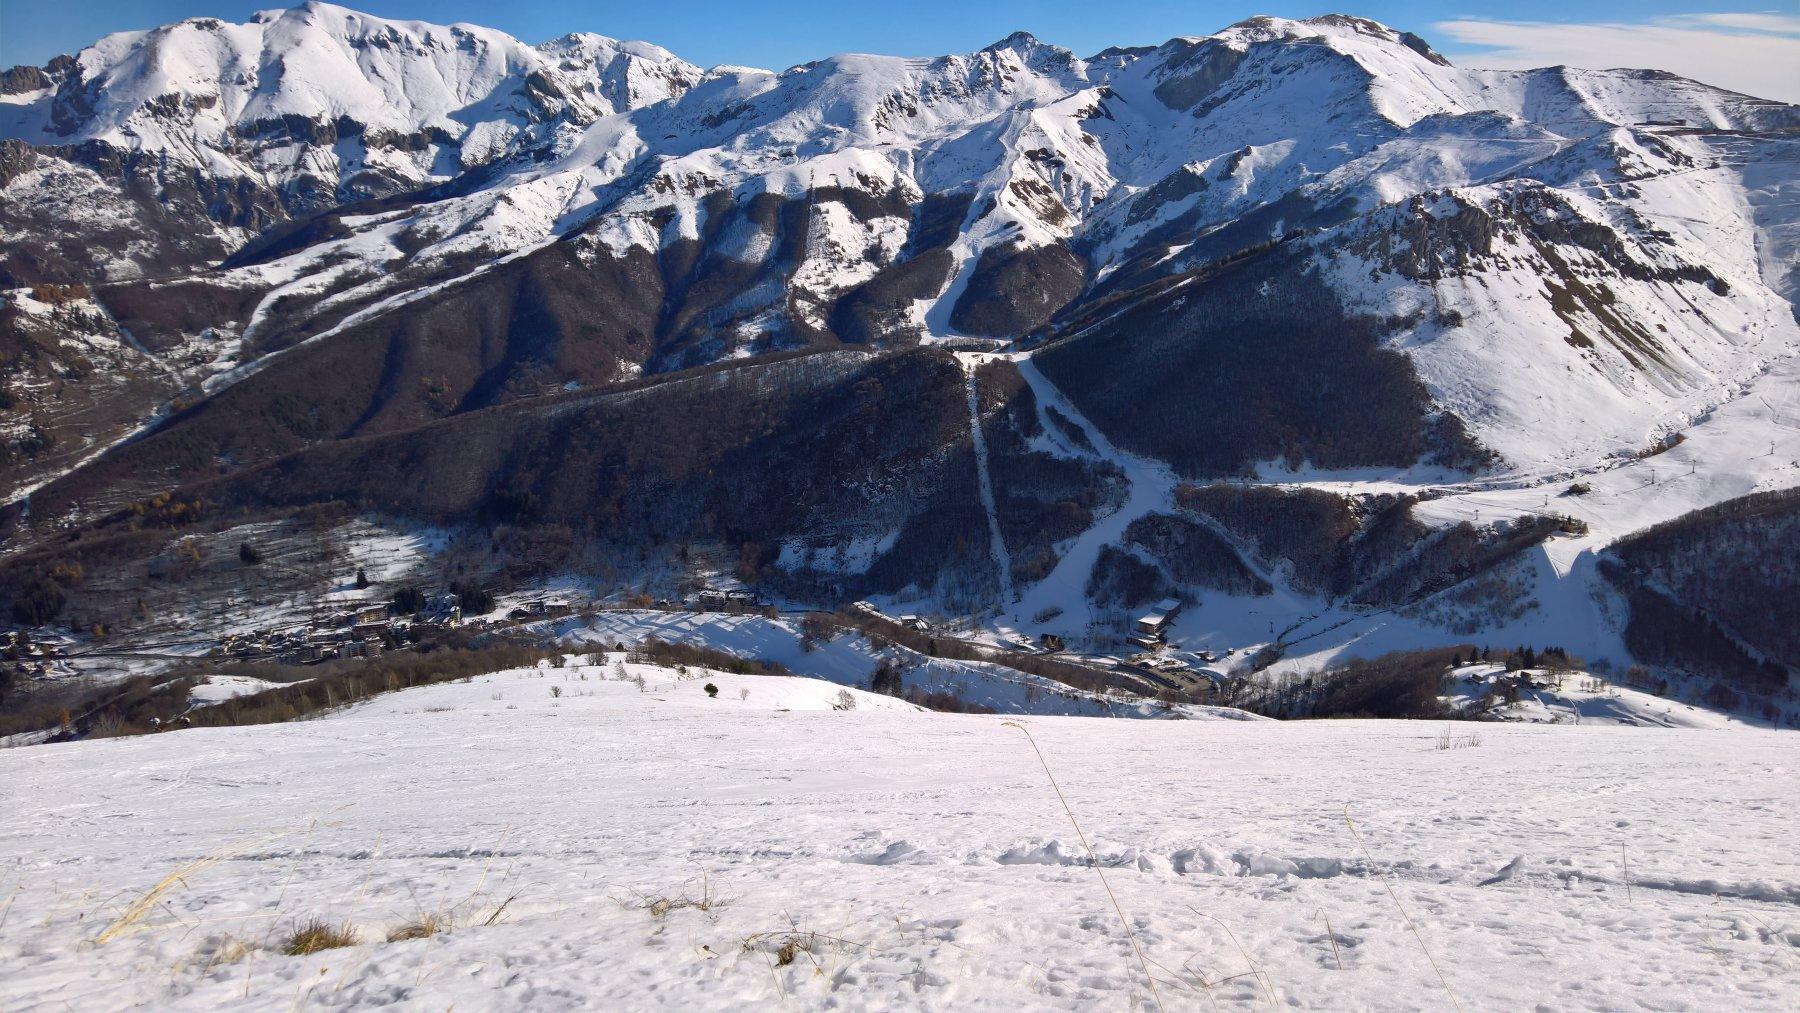 oggi niente code x sciare ???